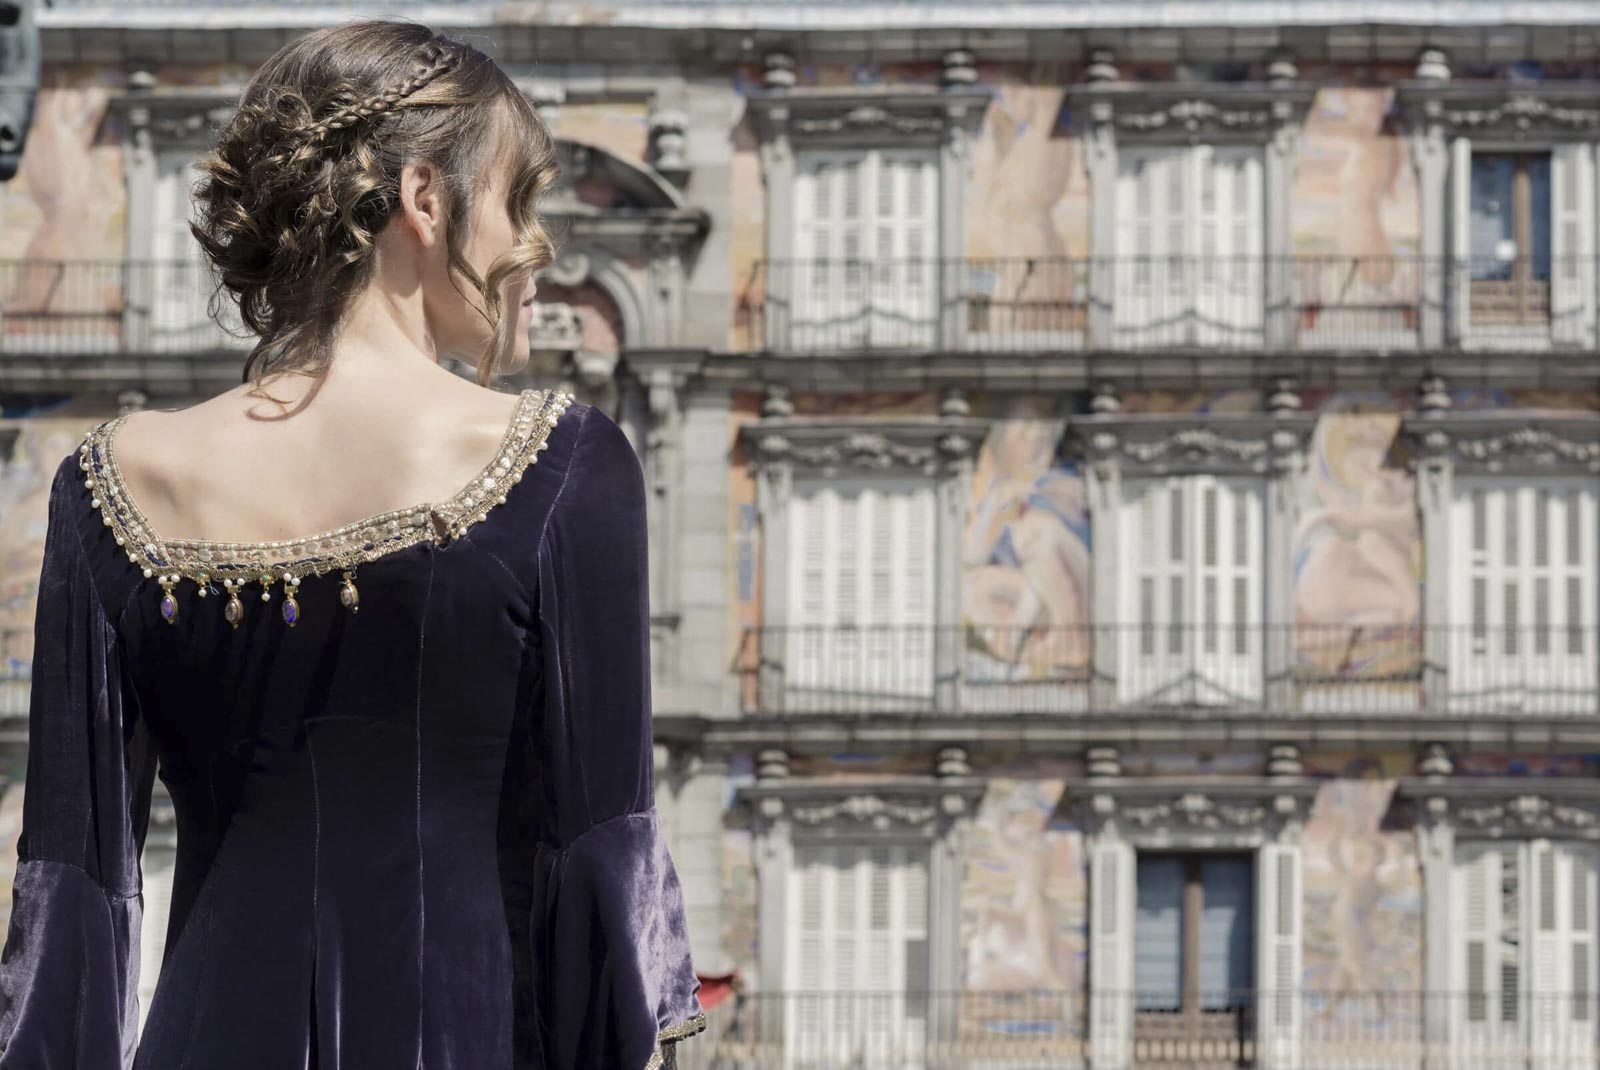 Fotografía de moda y publicidad - Editorial for Sastrería Cornejo